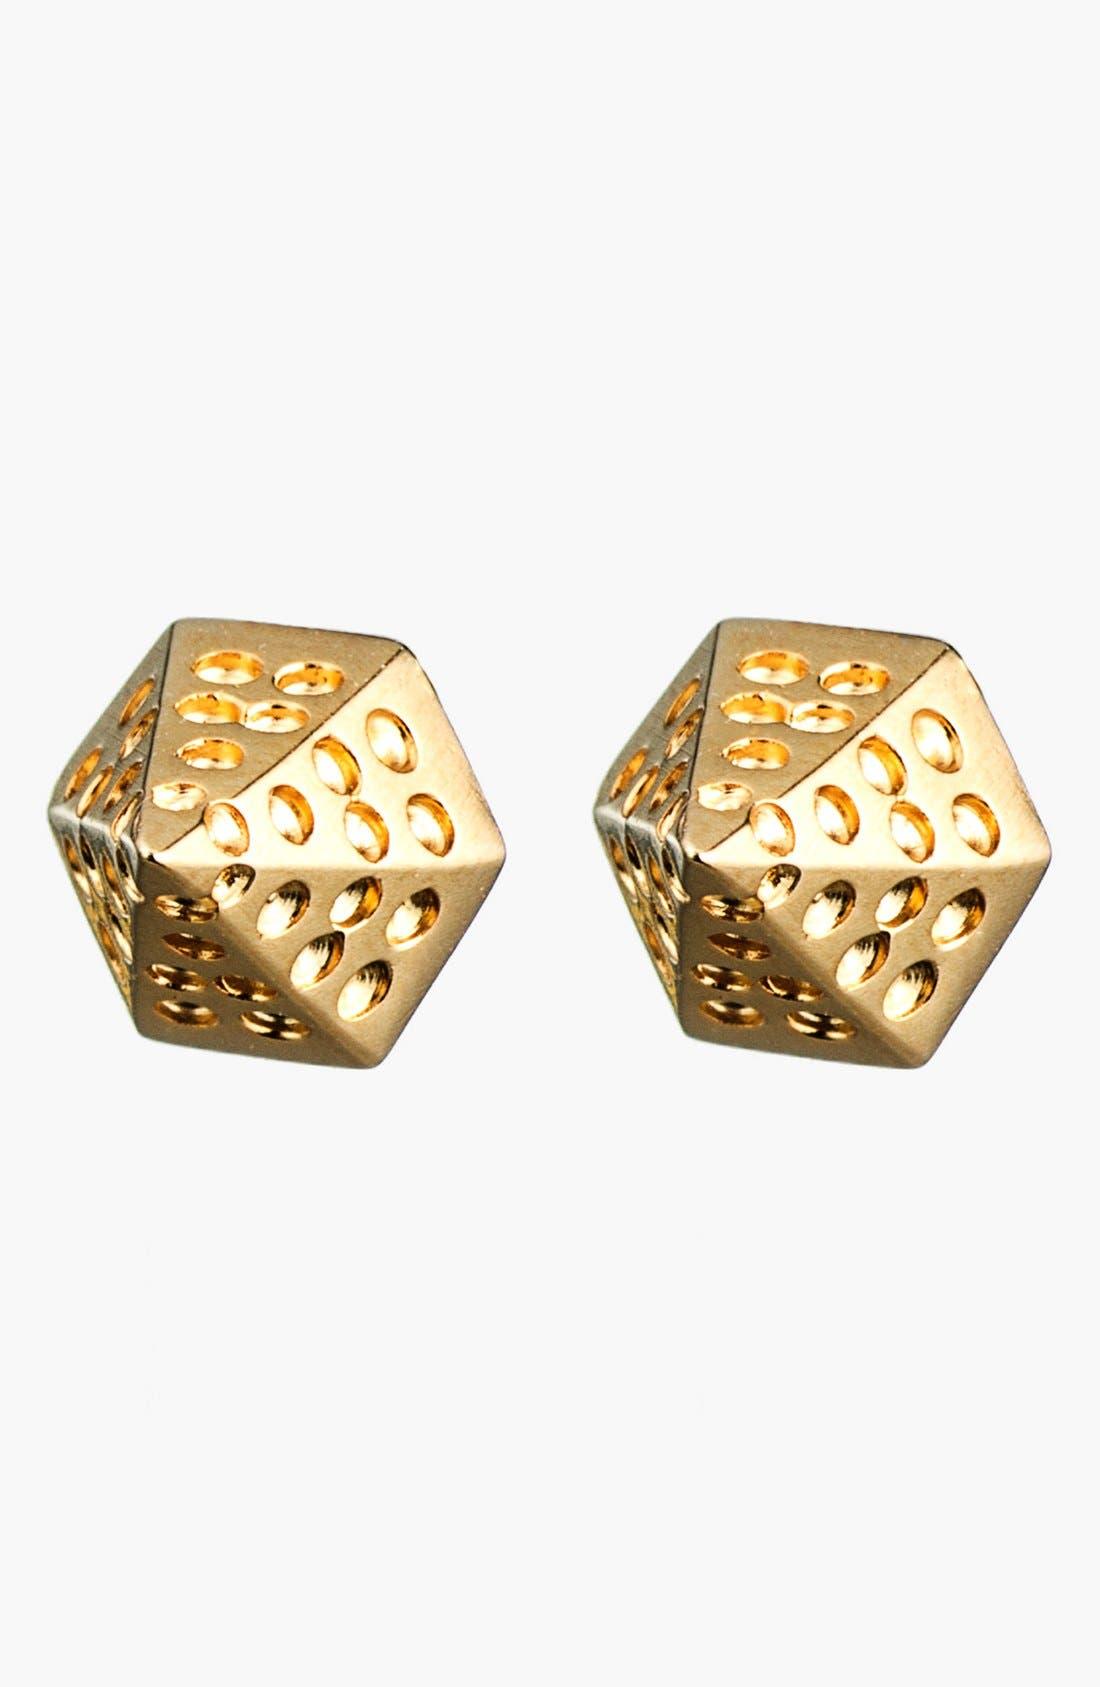 Alternate Image 1 Selected - Eddie Borgo Aerator Stud Earrings